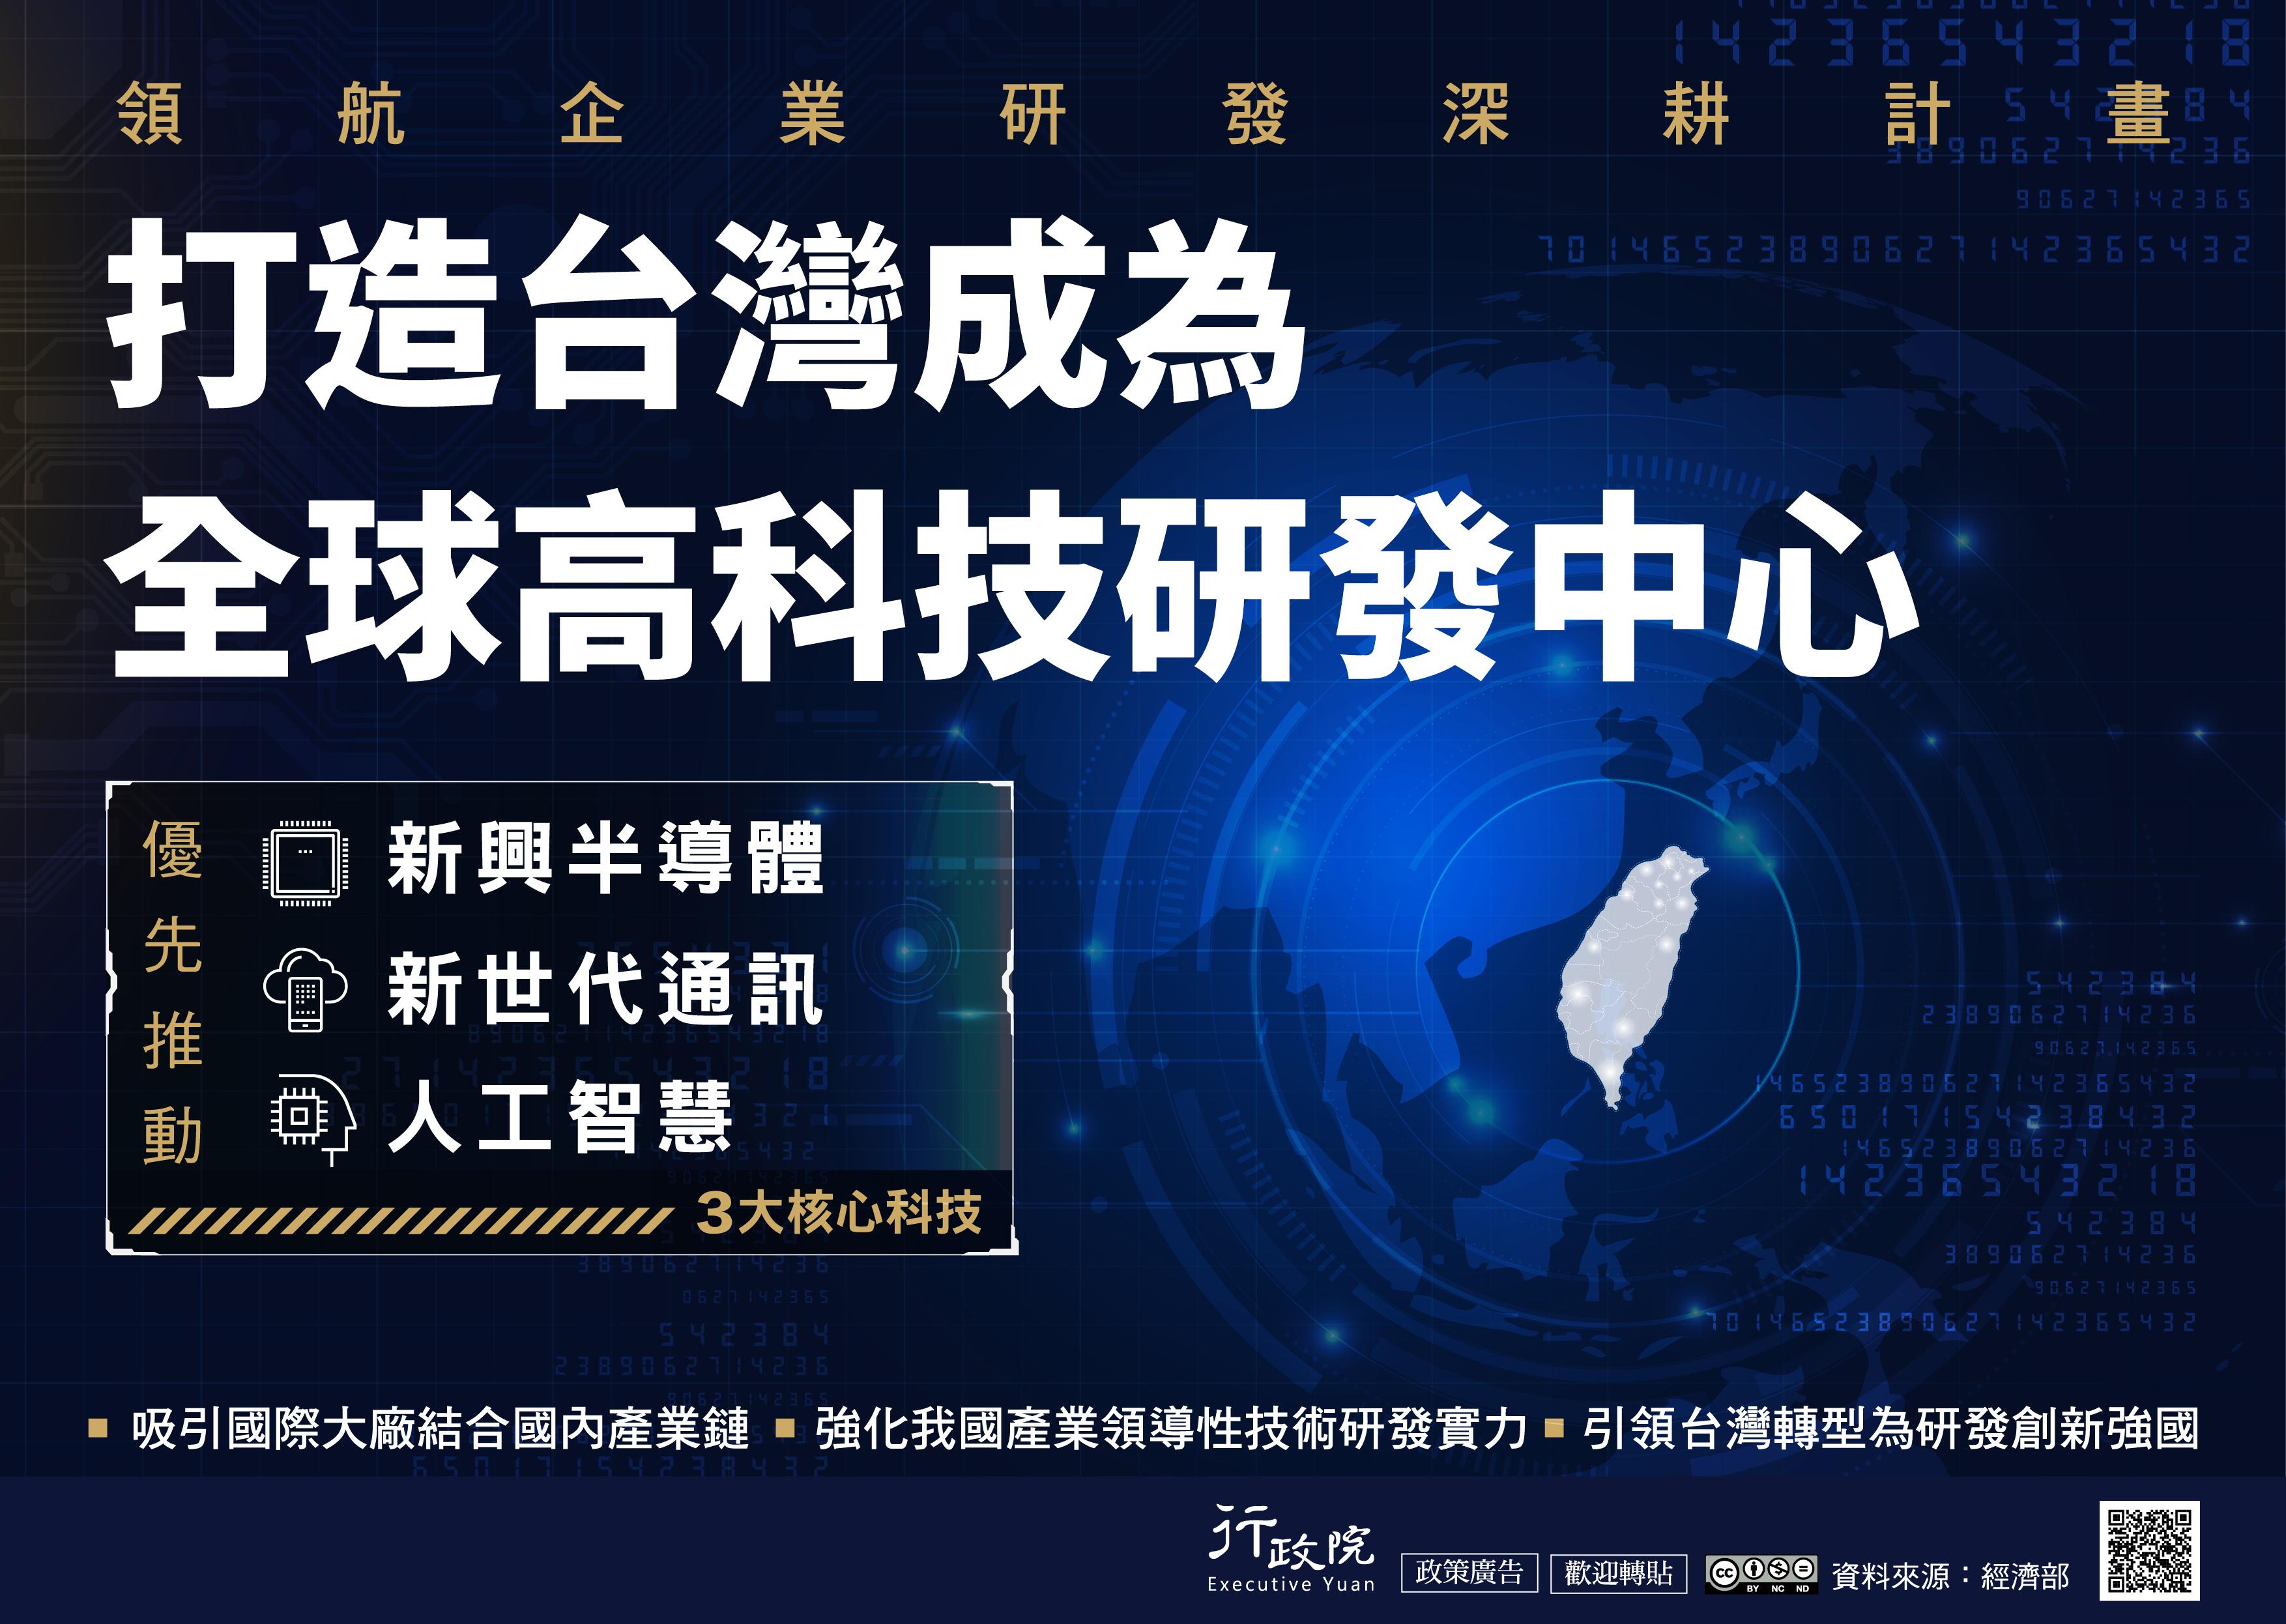 領航企業研發深耕計畫,打造台灣成為全球高科技研發中心